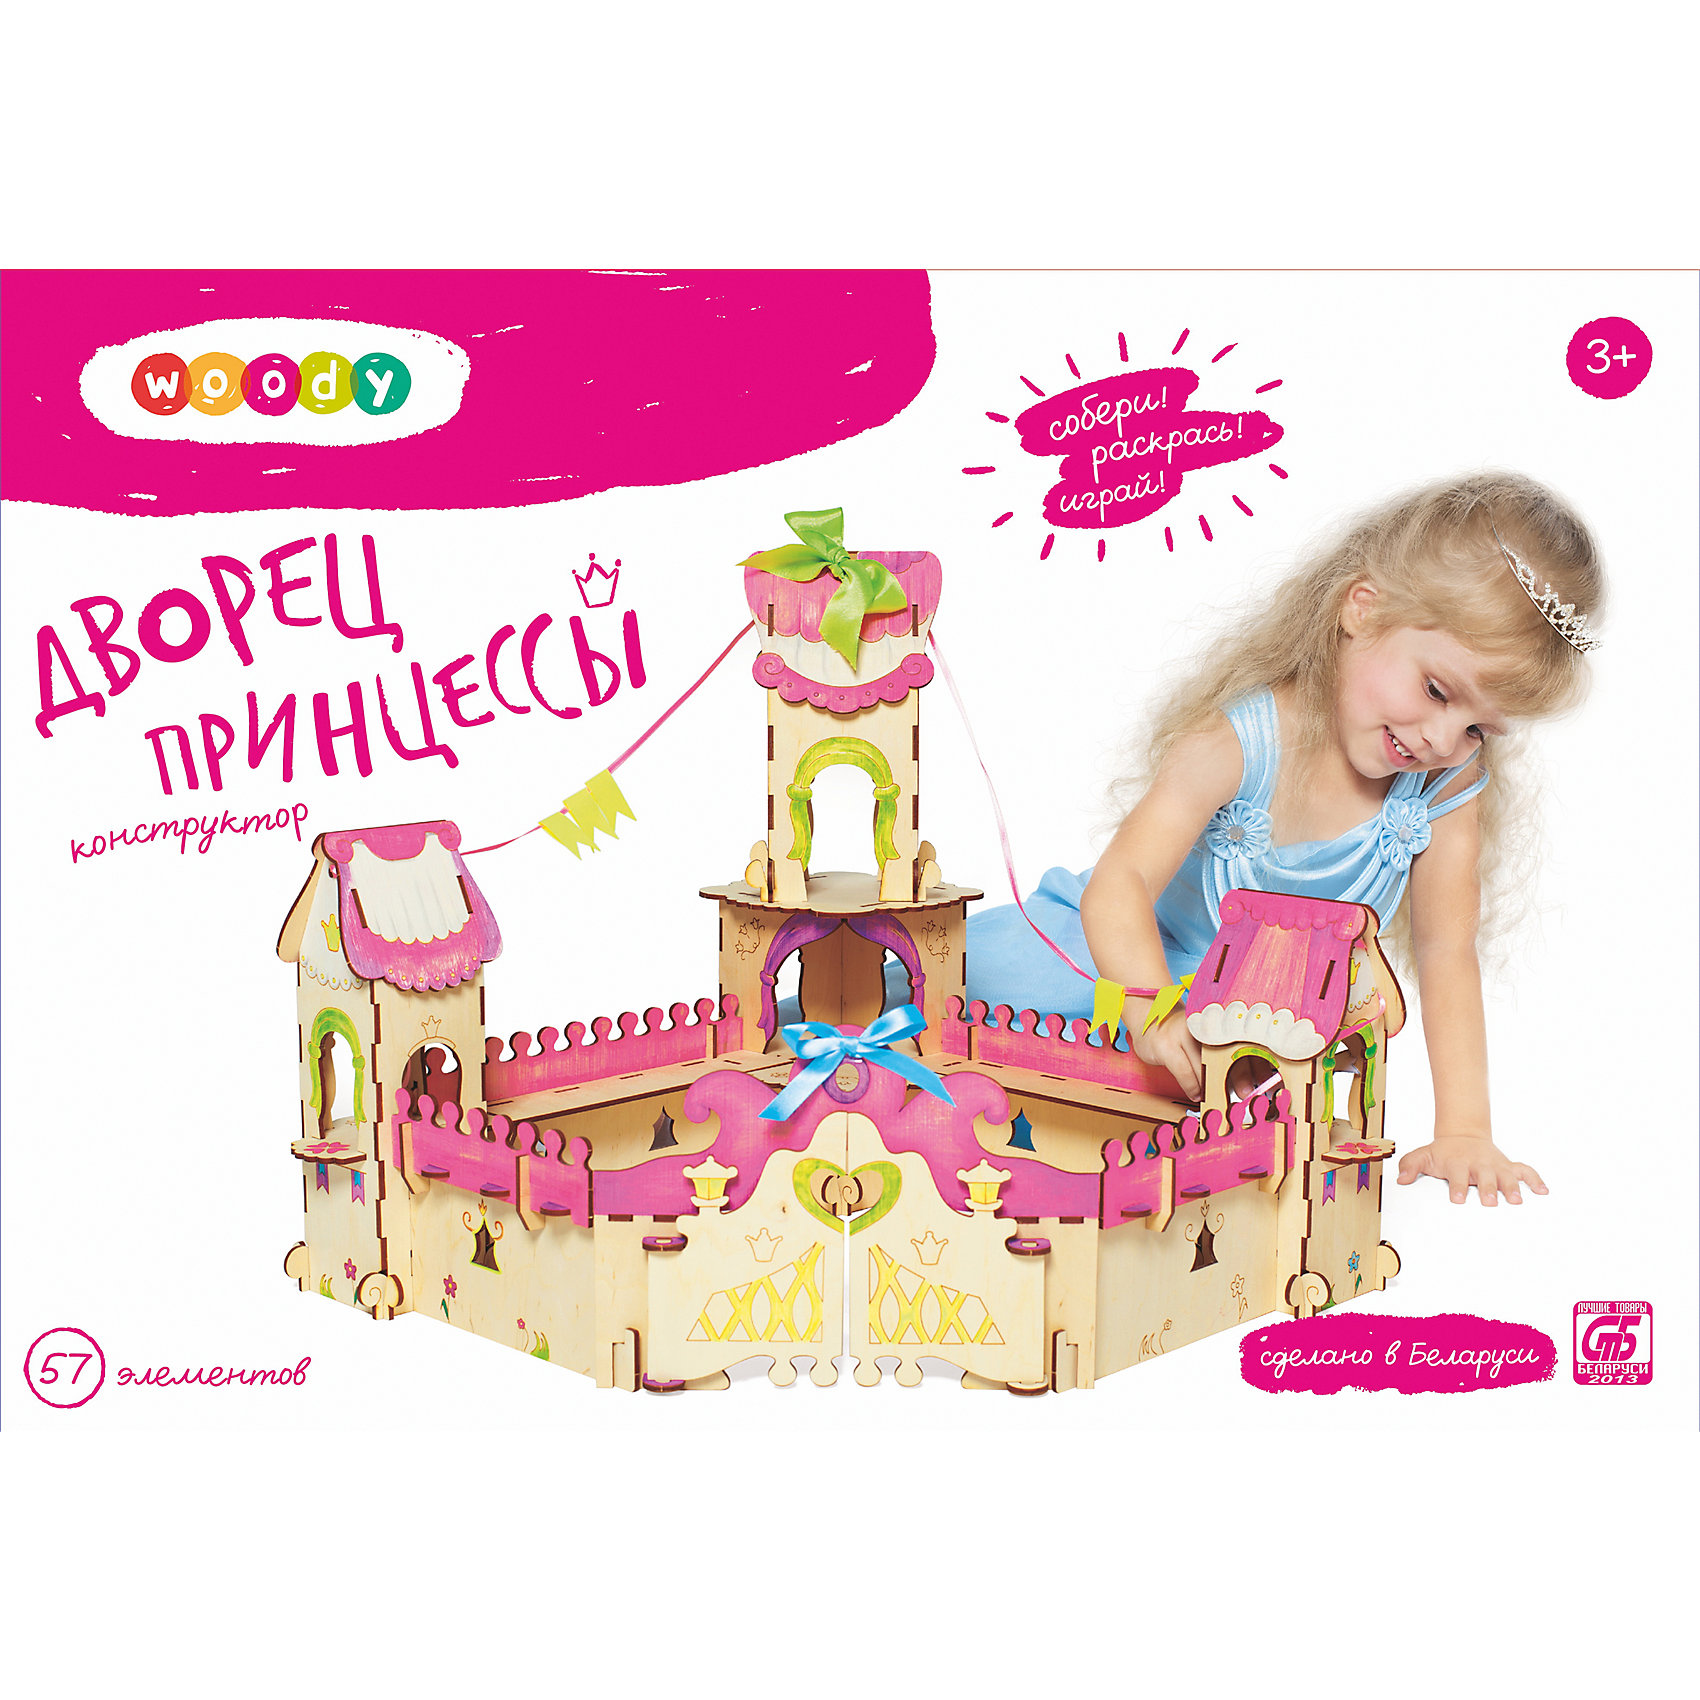 Конструктор Дворец ПринцессыКонструкторы<br>Любой ребенок постоянно чему-то учится, сделать процесс познавания мира для малышей - просто! Интересная развивающая игрушка Дворец Принцессы - это деревянный конструктор в виде большого дворца для принцессы (в нем могут жить куклы и другие игрушки), он поможет ребенку научиться сопоставлять детали. <br>Этот конструктор обязательно займет ребенка! Игра с ним помогает детям развивать мелкую моторику и познавать мир, также его можно раскрасить по своему усмотрению. Обучающая игрушка сделана из качественных и безопасных для ребенка материалов - натурального дерева.<br><br>Дополнительная информация:<br><br>цвет: дерево;<br>размер: 43 х 43 х 43 см;<br>вес: 1300 г;<br>элементов: 57, набор атласных лент для украшения;<br>материал: дерево.<br><br>Конструктор Дворец Принцессы можно купить в нашем магазине.<br><br>Ширина мм: 335<br>Глубина мм: 230<br>Высота мм: 70<br>Вес г: 1384<br>Возраст от месяцев: 36<br>Возраст до месяцев: 2147483647<br>Пол: Женский<br>Возраст: Детский<br>SKU: 4916369